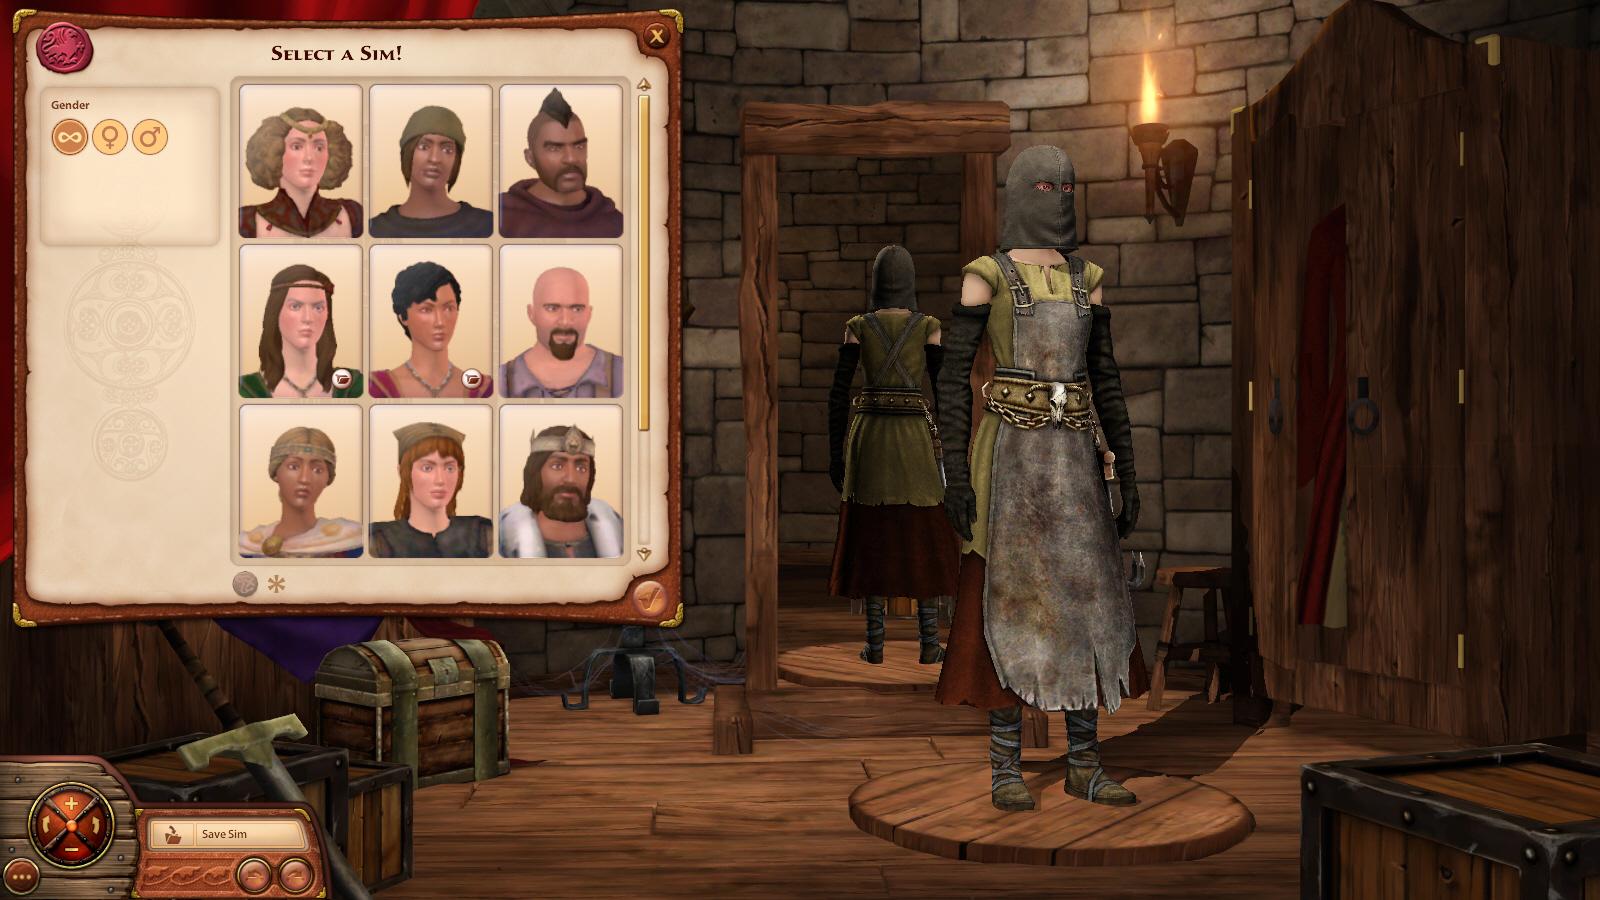 симс medieval скачать